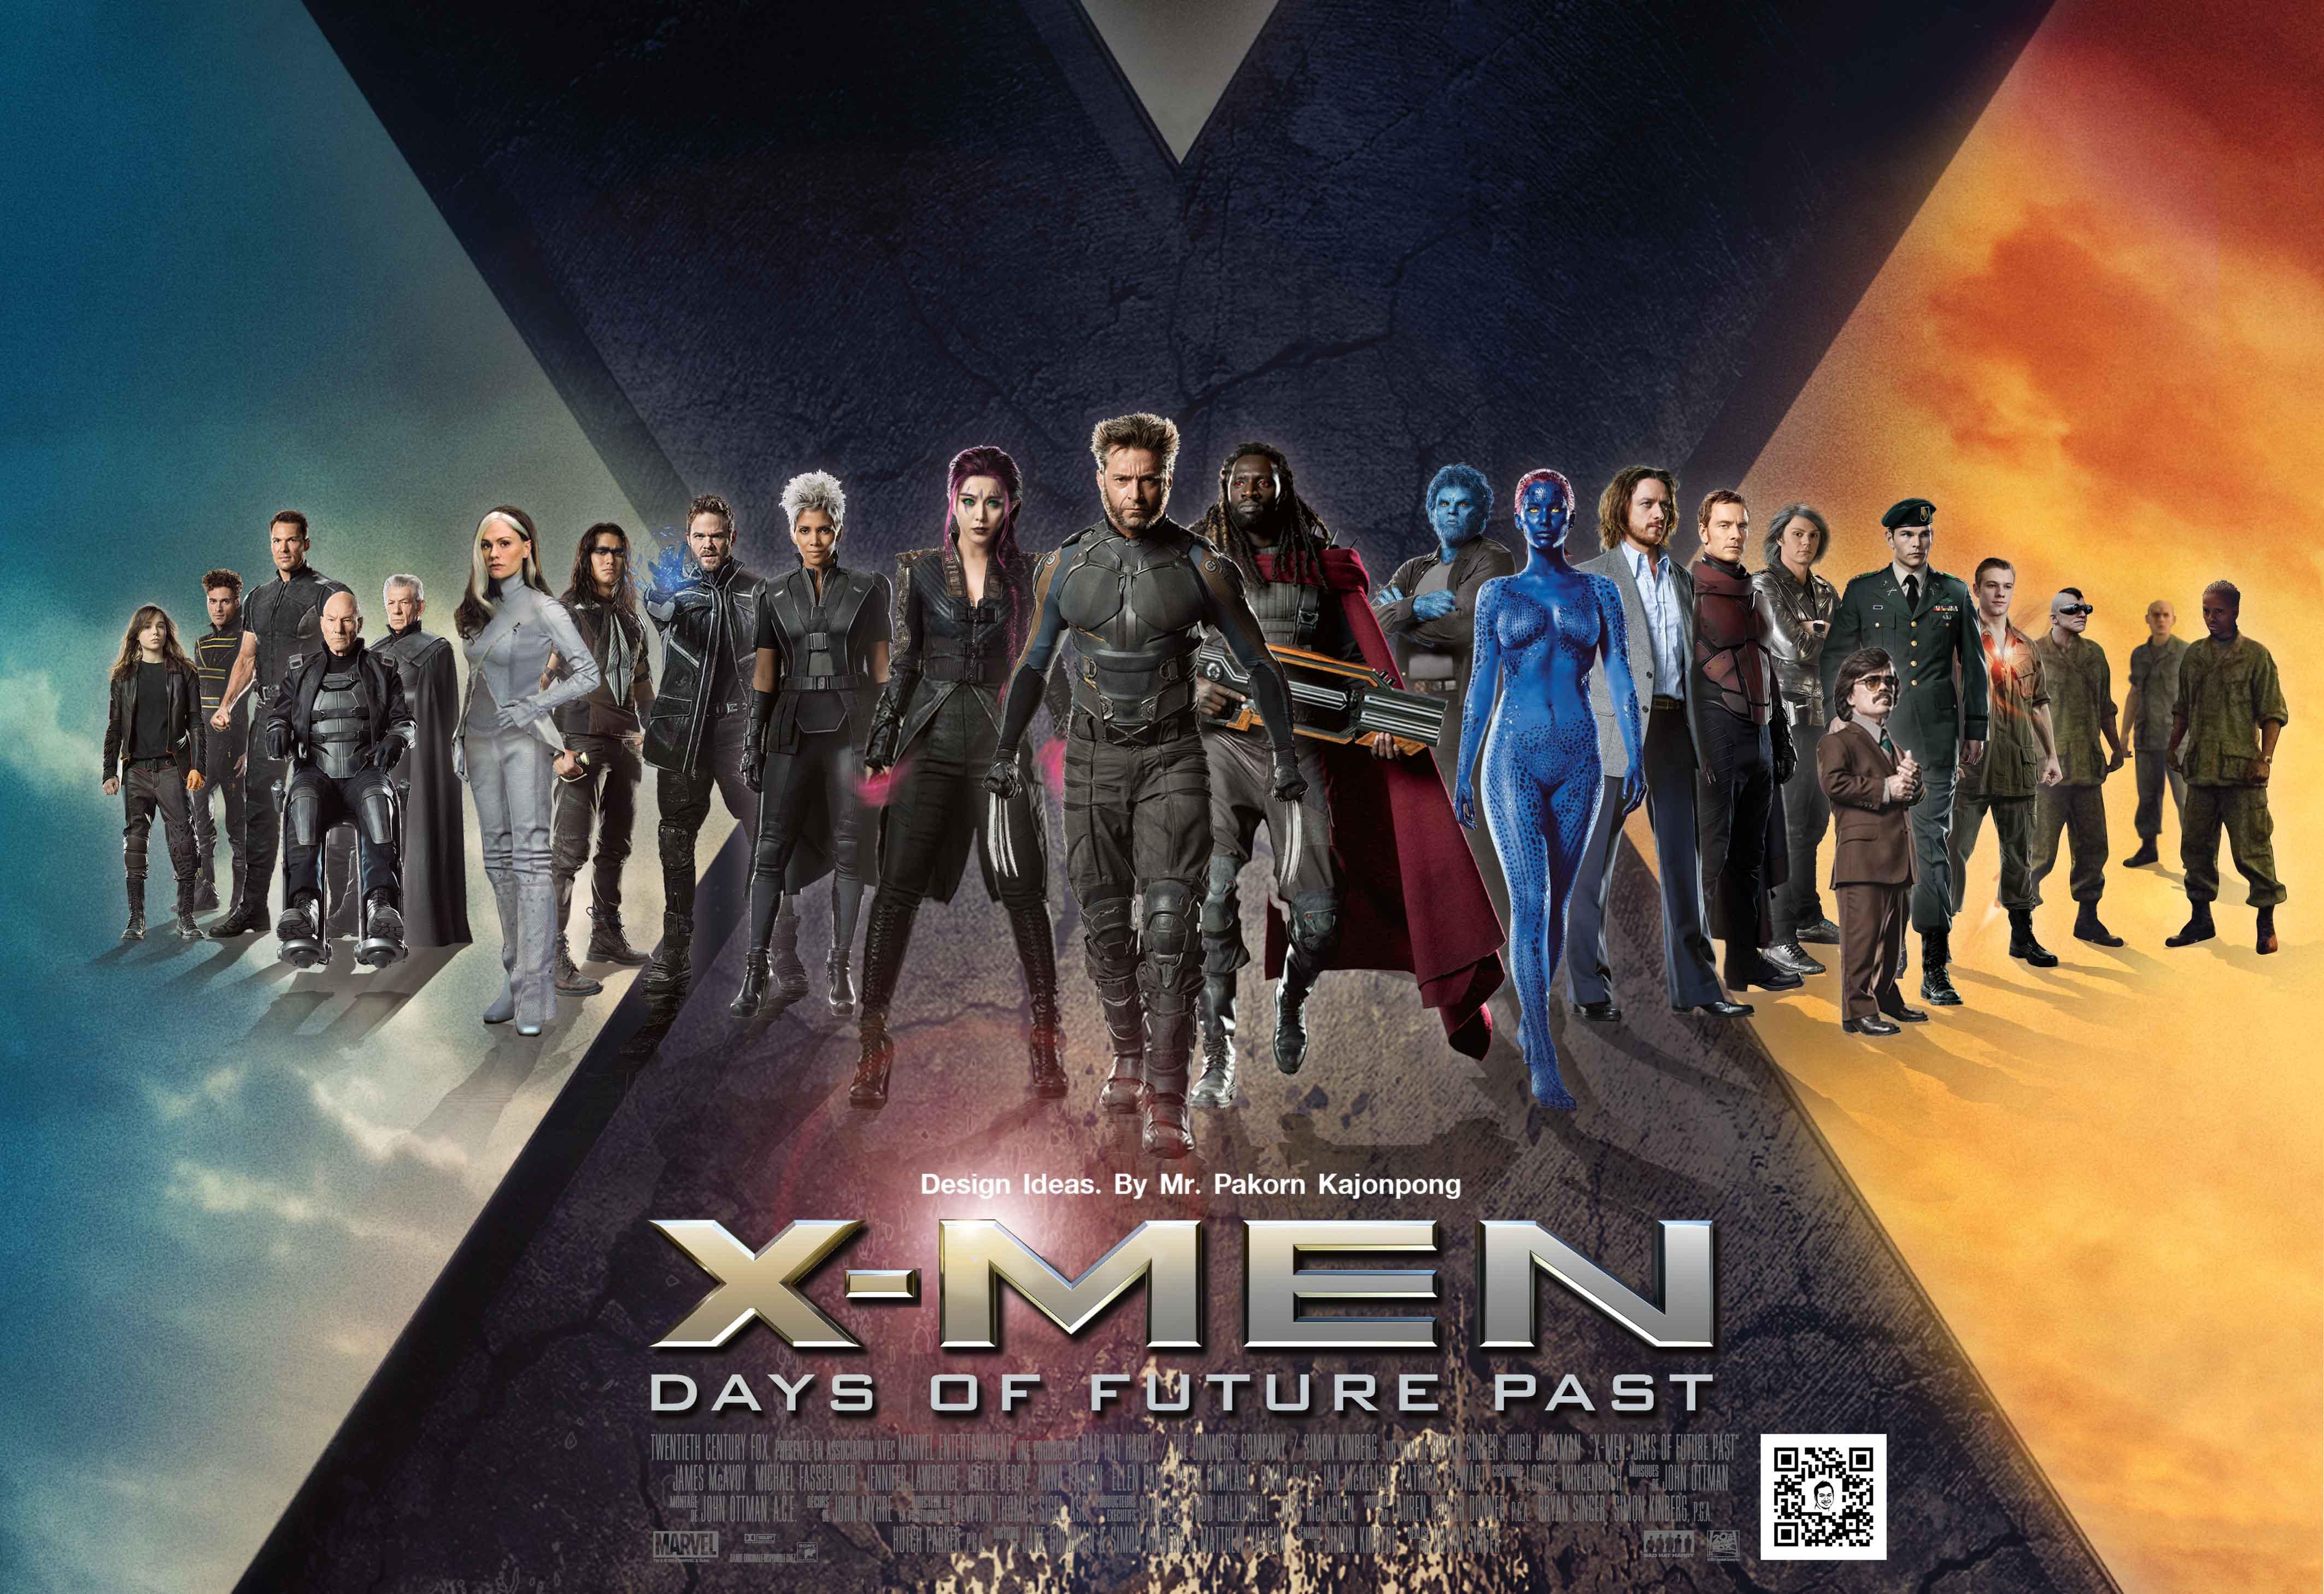 Men-Days-of-Future-Past-x-men-37109964-4252-2917.jpg X Men Days Of Future Past Polaris